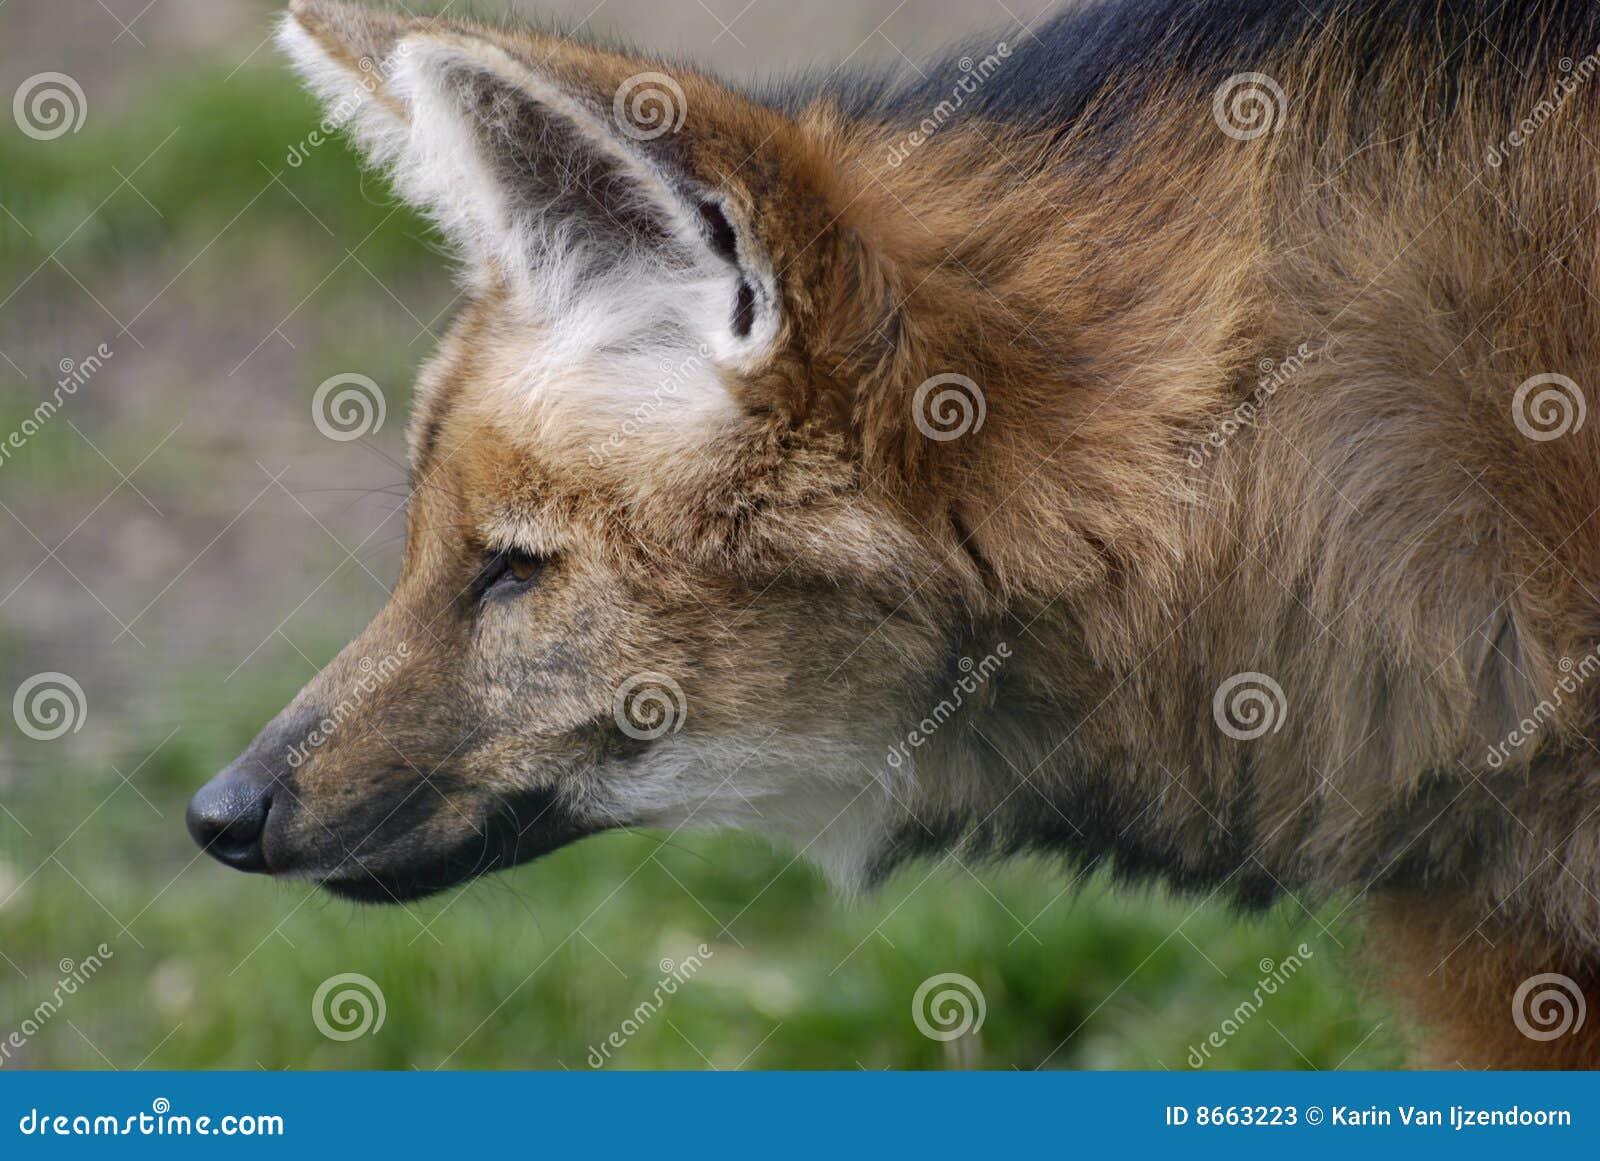 Loup maned